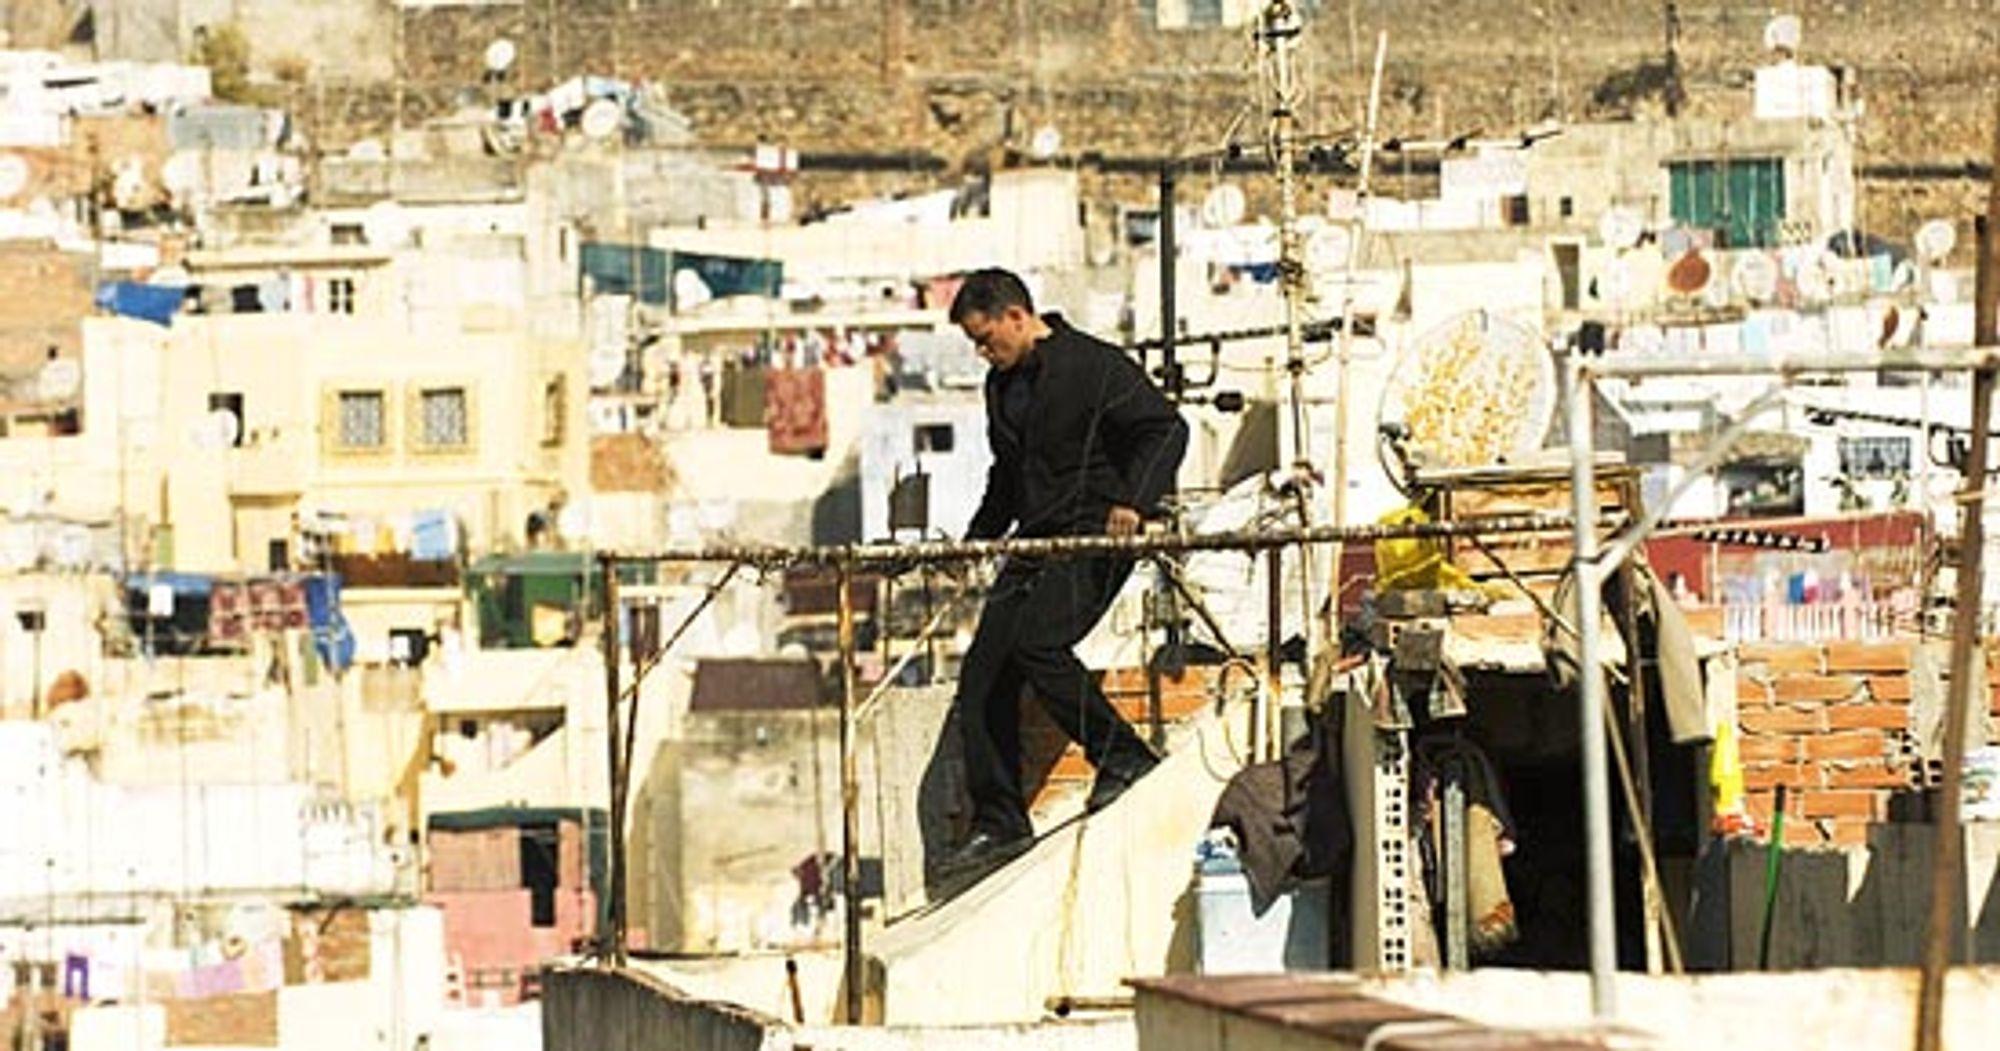 Tett, hard og troverdig action preger filmene om Jason Bourne. Flukt over hustak i syden er bare ett eksempel på futt i hverdagen.